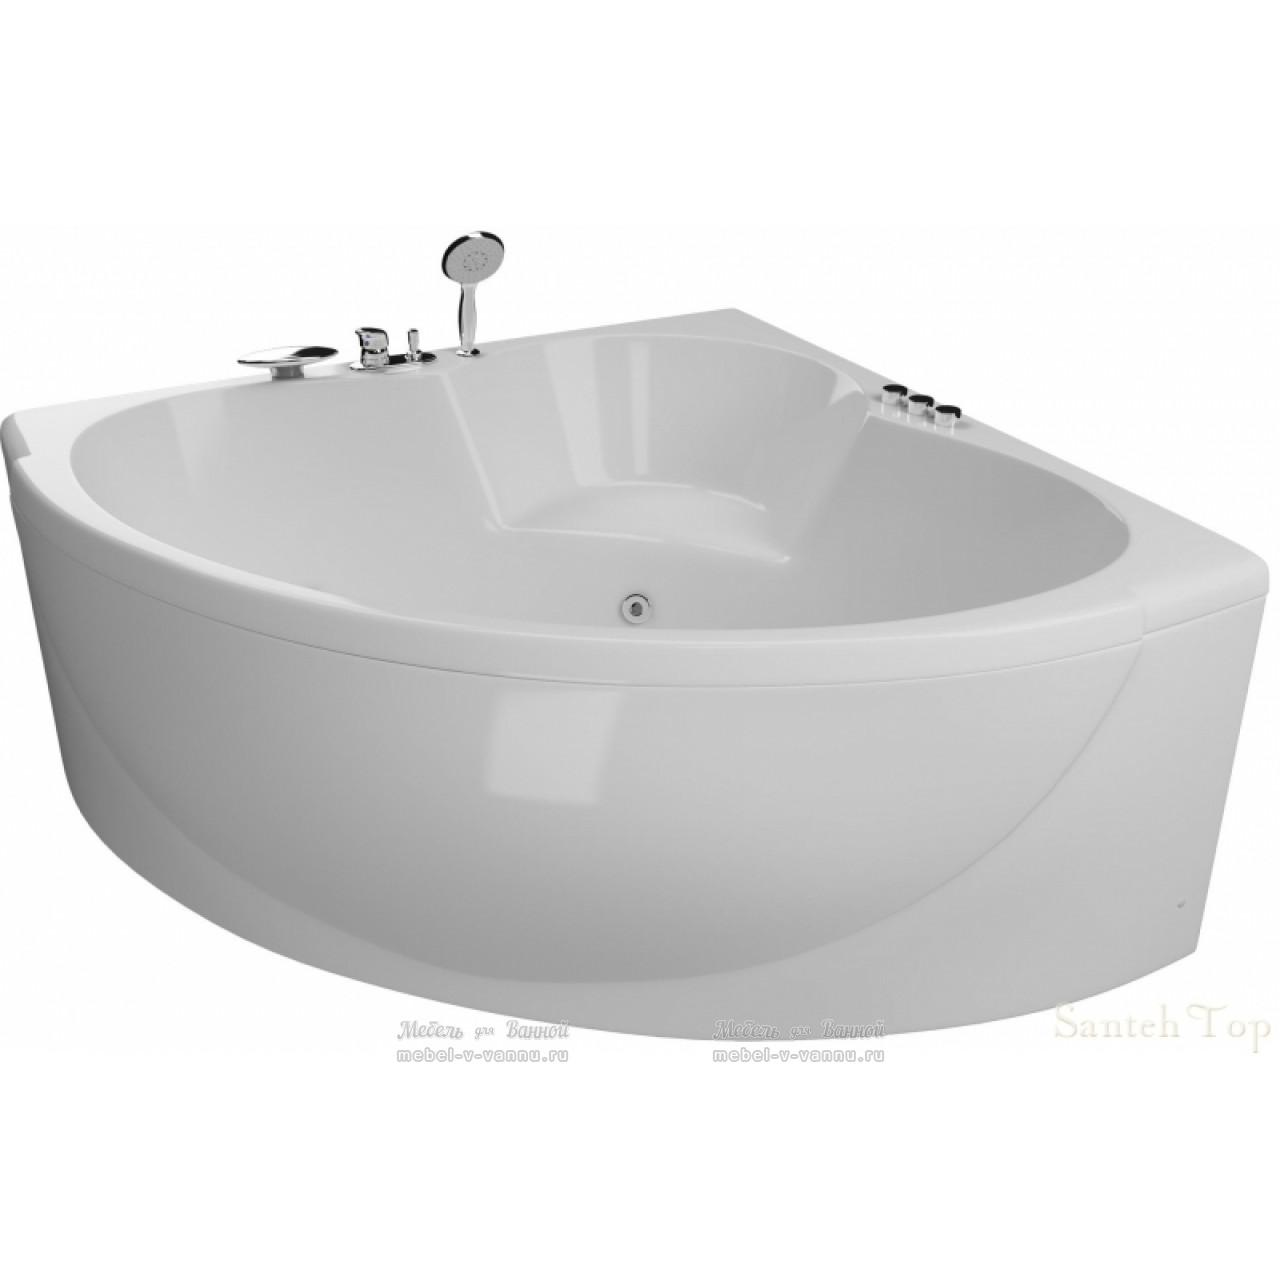 Акриловая ванна Акватика Эпюра Reflexa 140x140x56 купить в Москве по цене от 114290р. в интернет-магазине mebel-v-vannu.ru